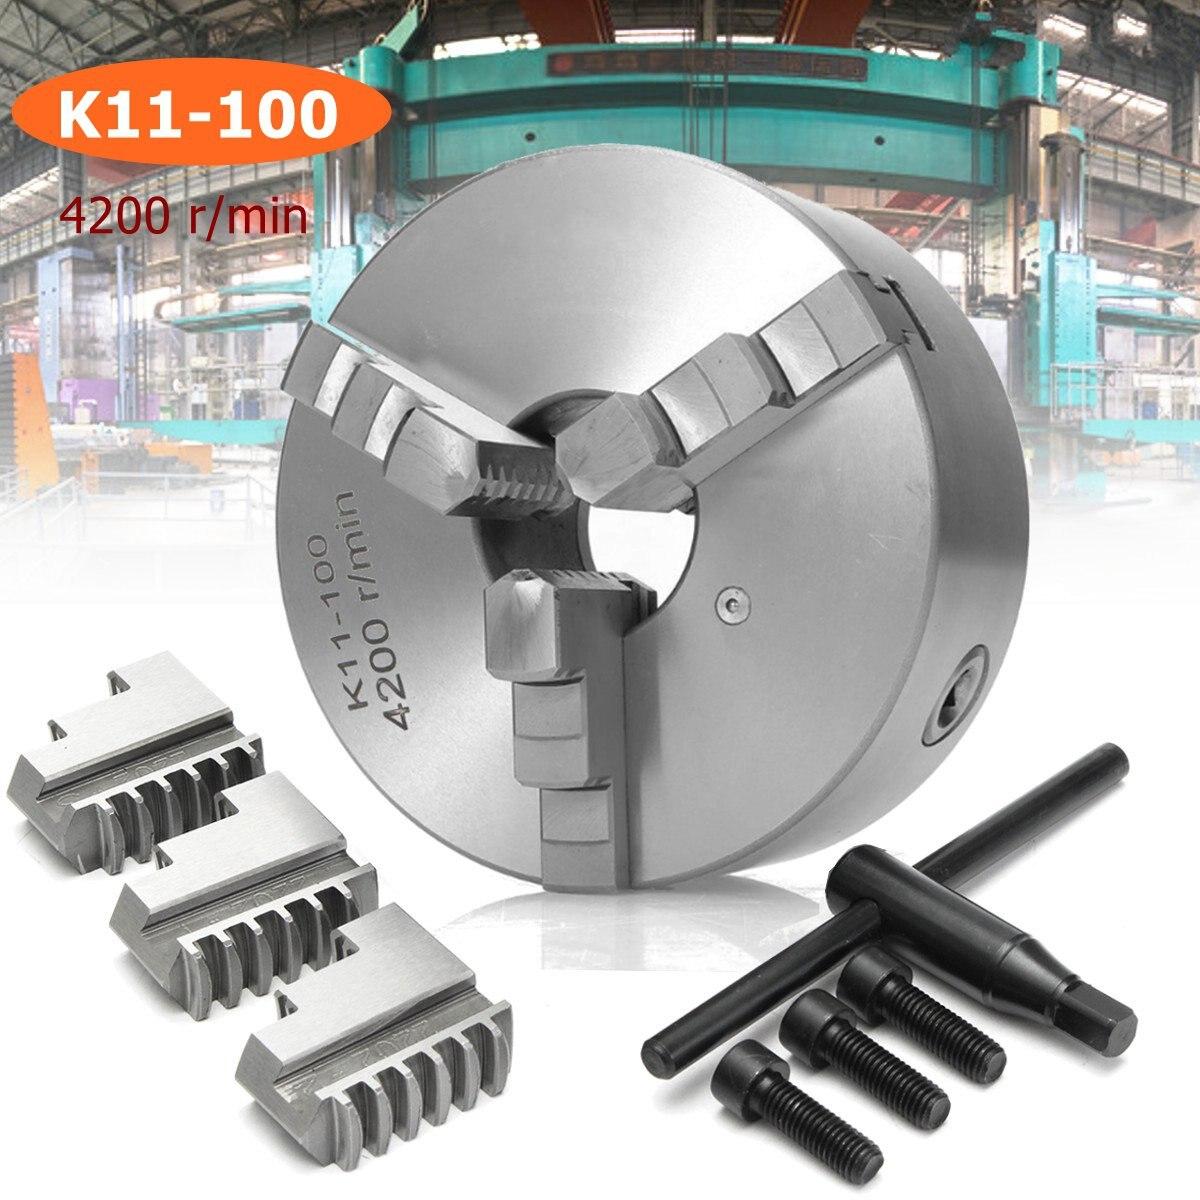 K11-100 3 mâchoires 100mm/4 pouces 4200 r/min en acier trempé tour mandrin auto-centrage clé de sécurité à l'extérieur à l'intérieur des mâchoires boulons de montage